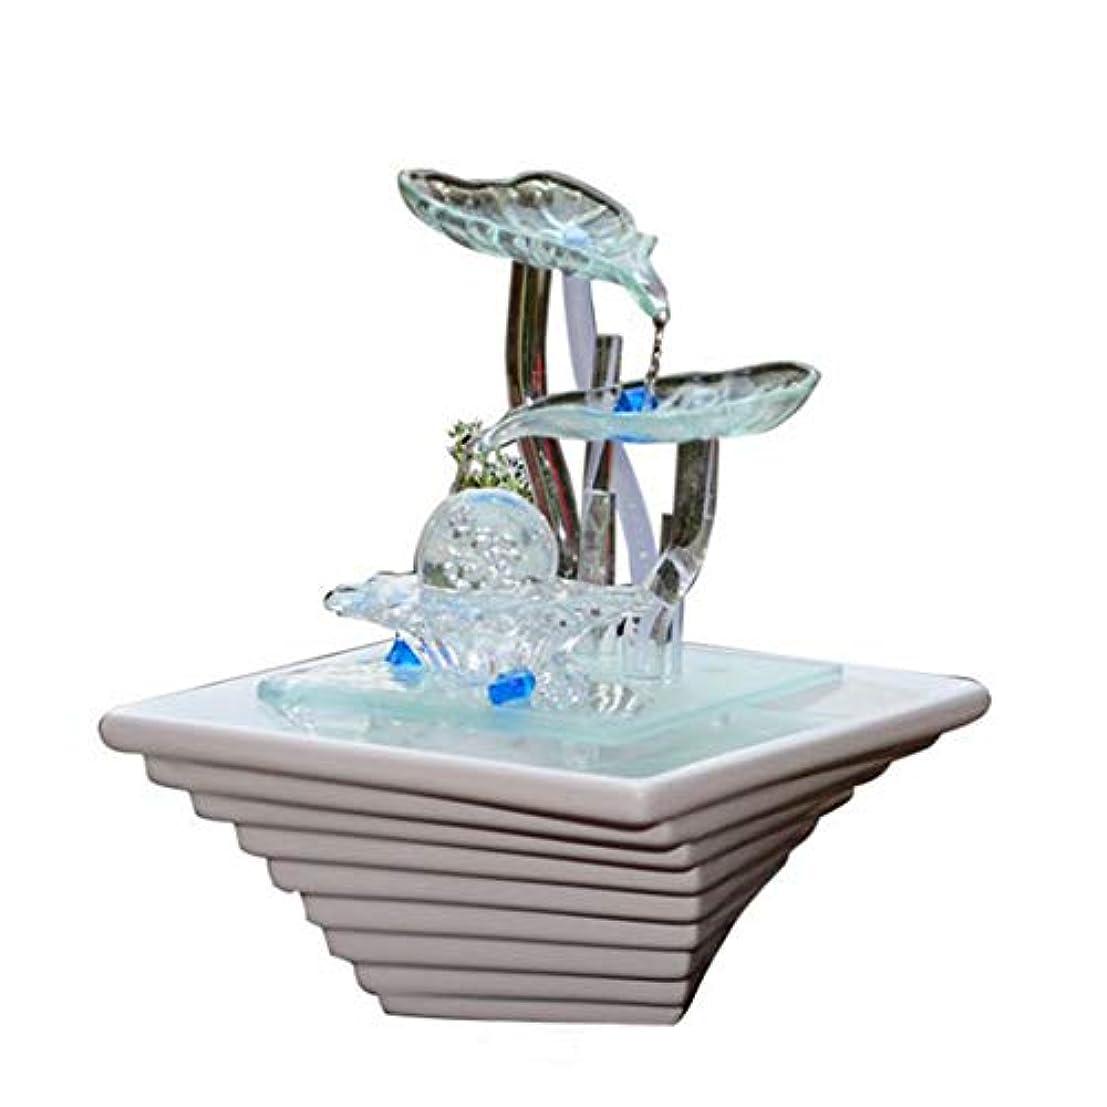 ほこりっぽい薄いです叫び声加湿器ホームデスクトップの装飾セラミックガラス工芸品の装飾品噴水装飾品バレンタインデー結婚式の誕生日パーフェクトギフト